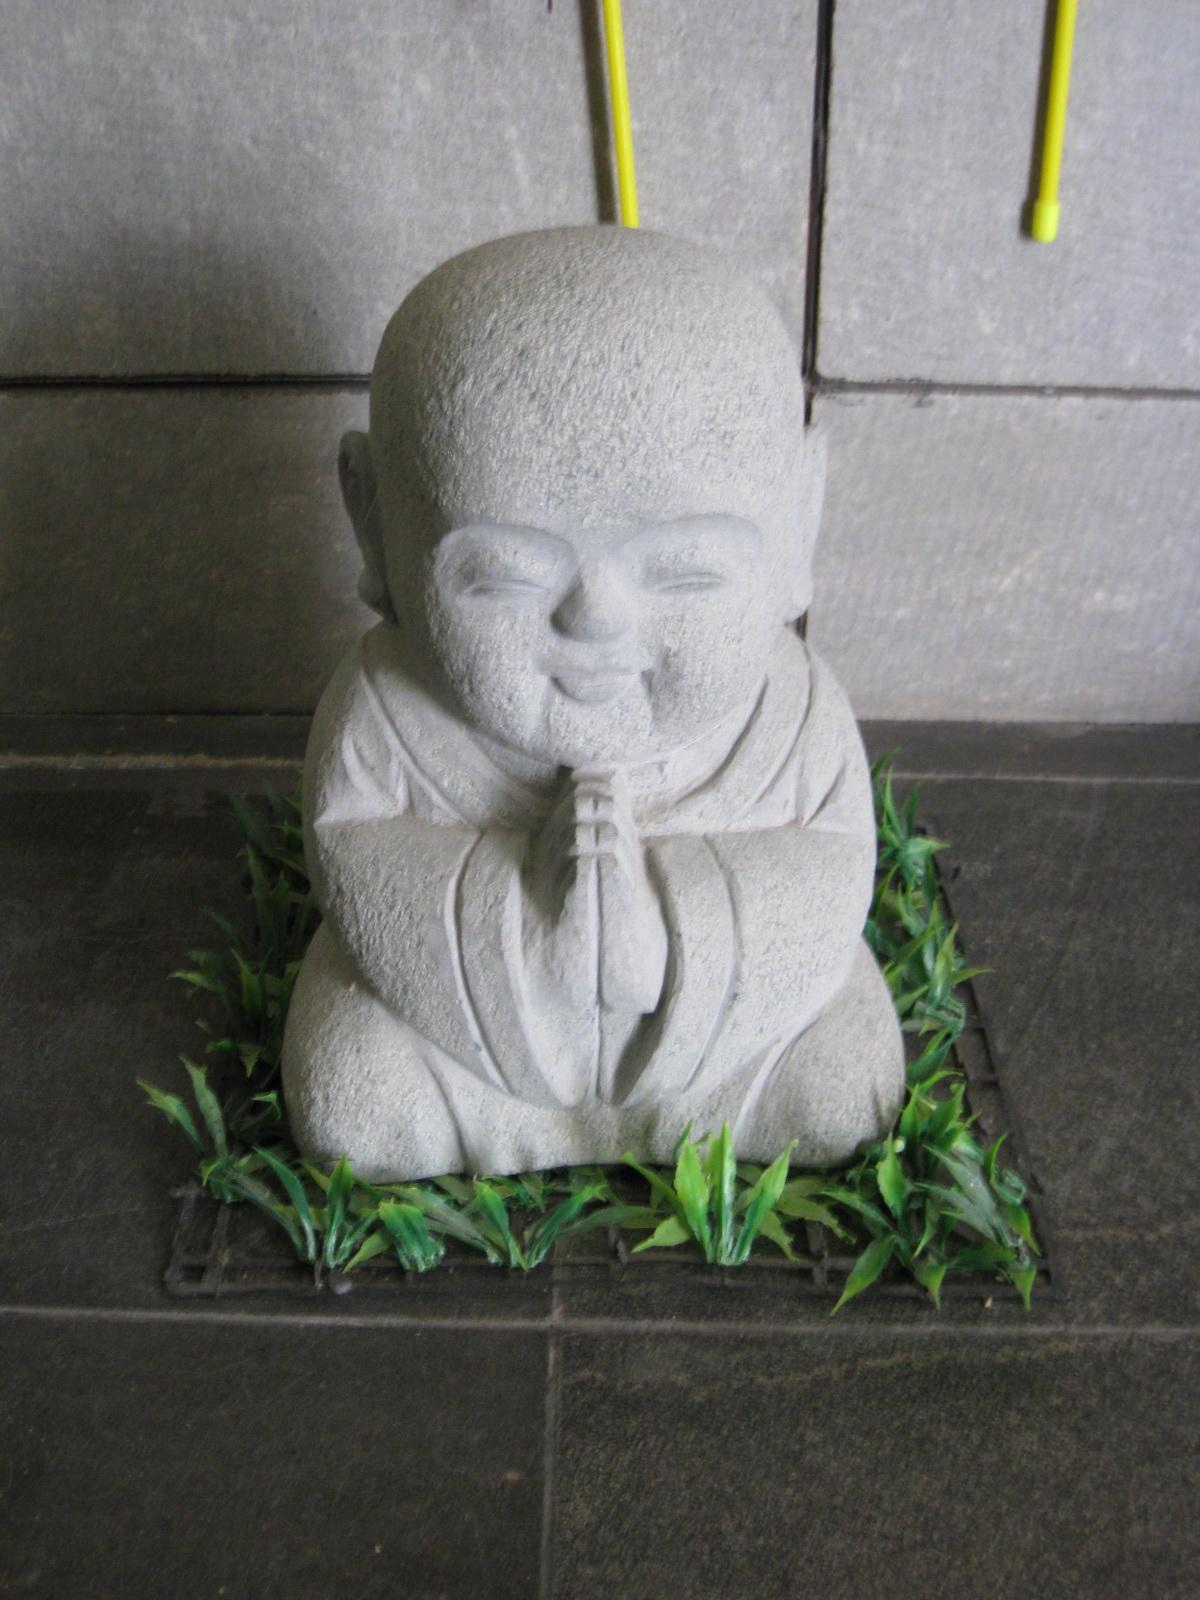 十年旅行中的小孩雕像